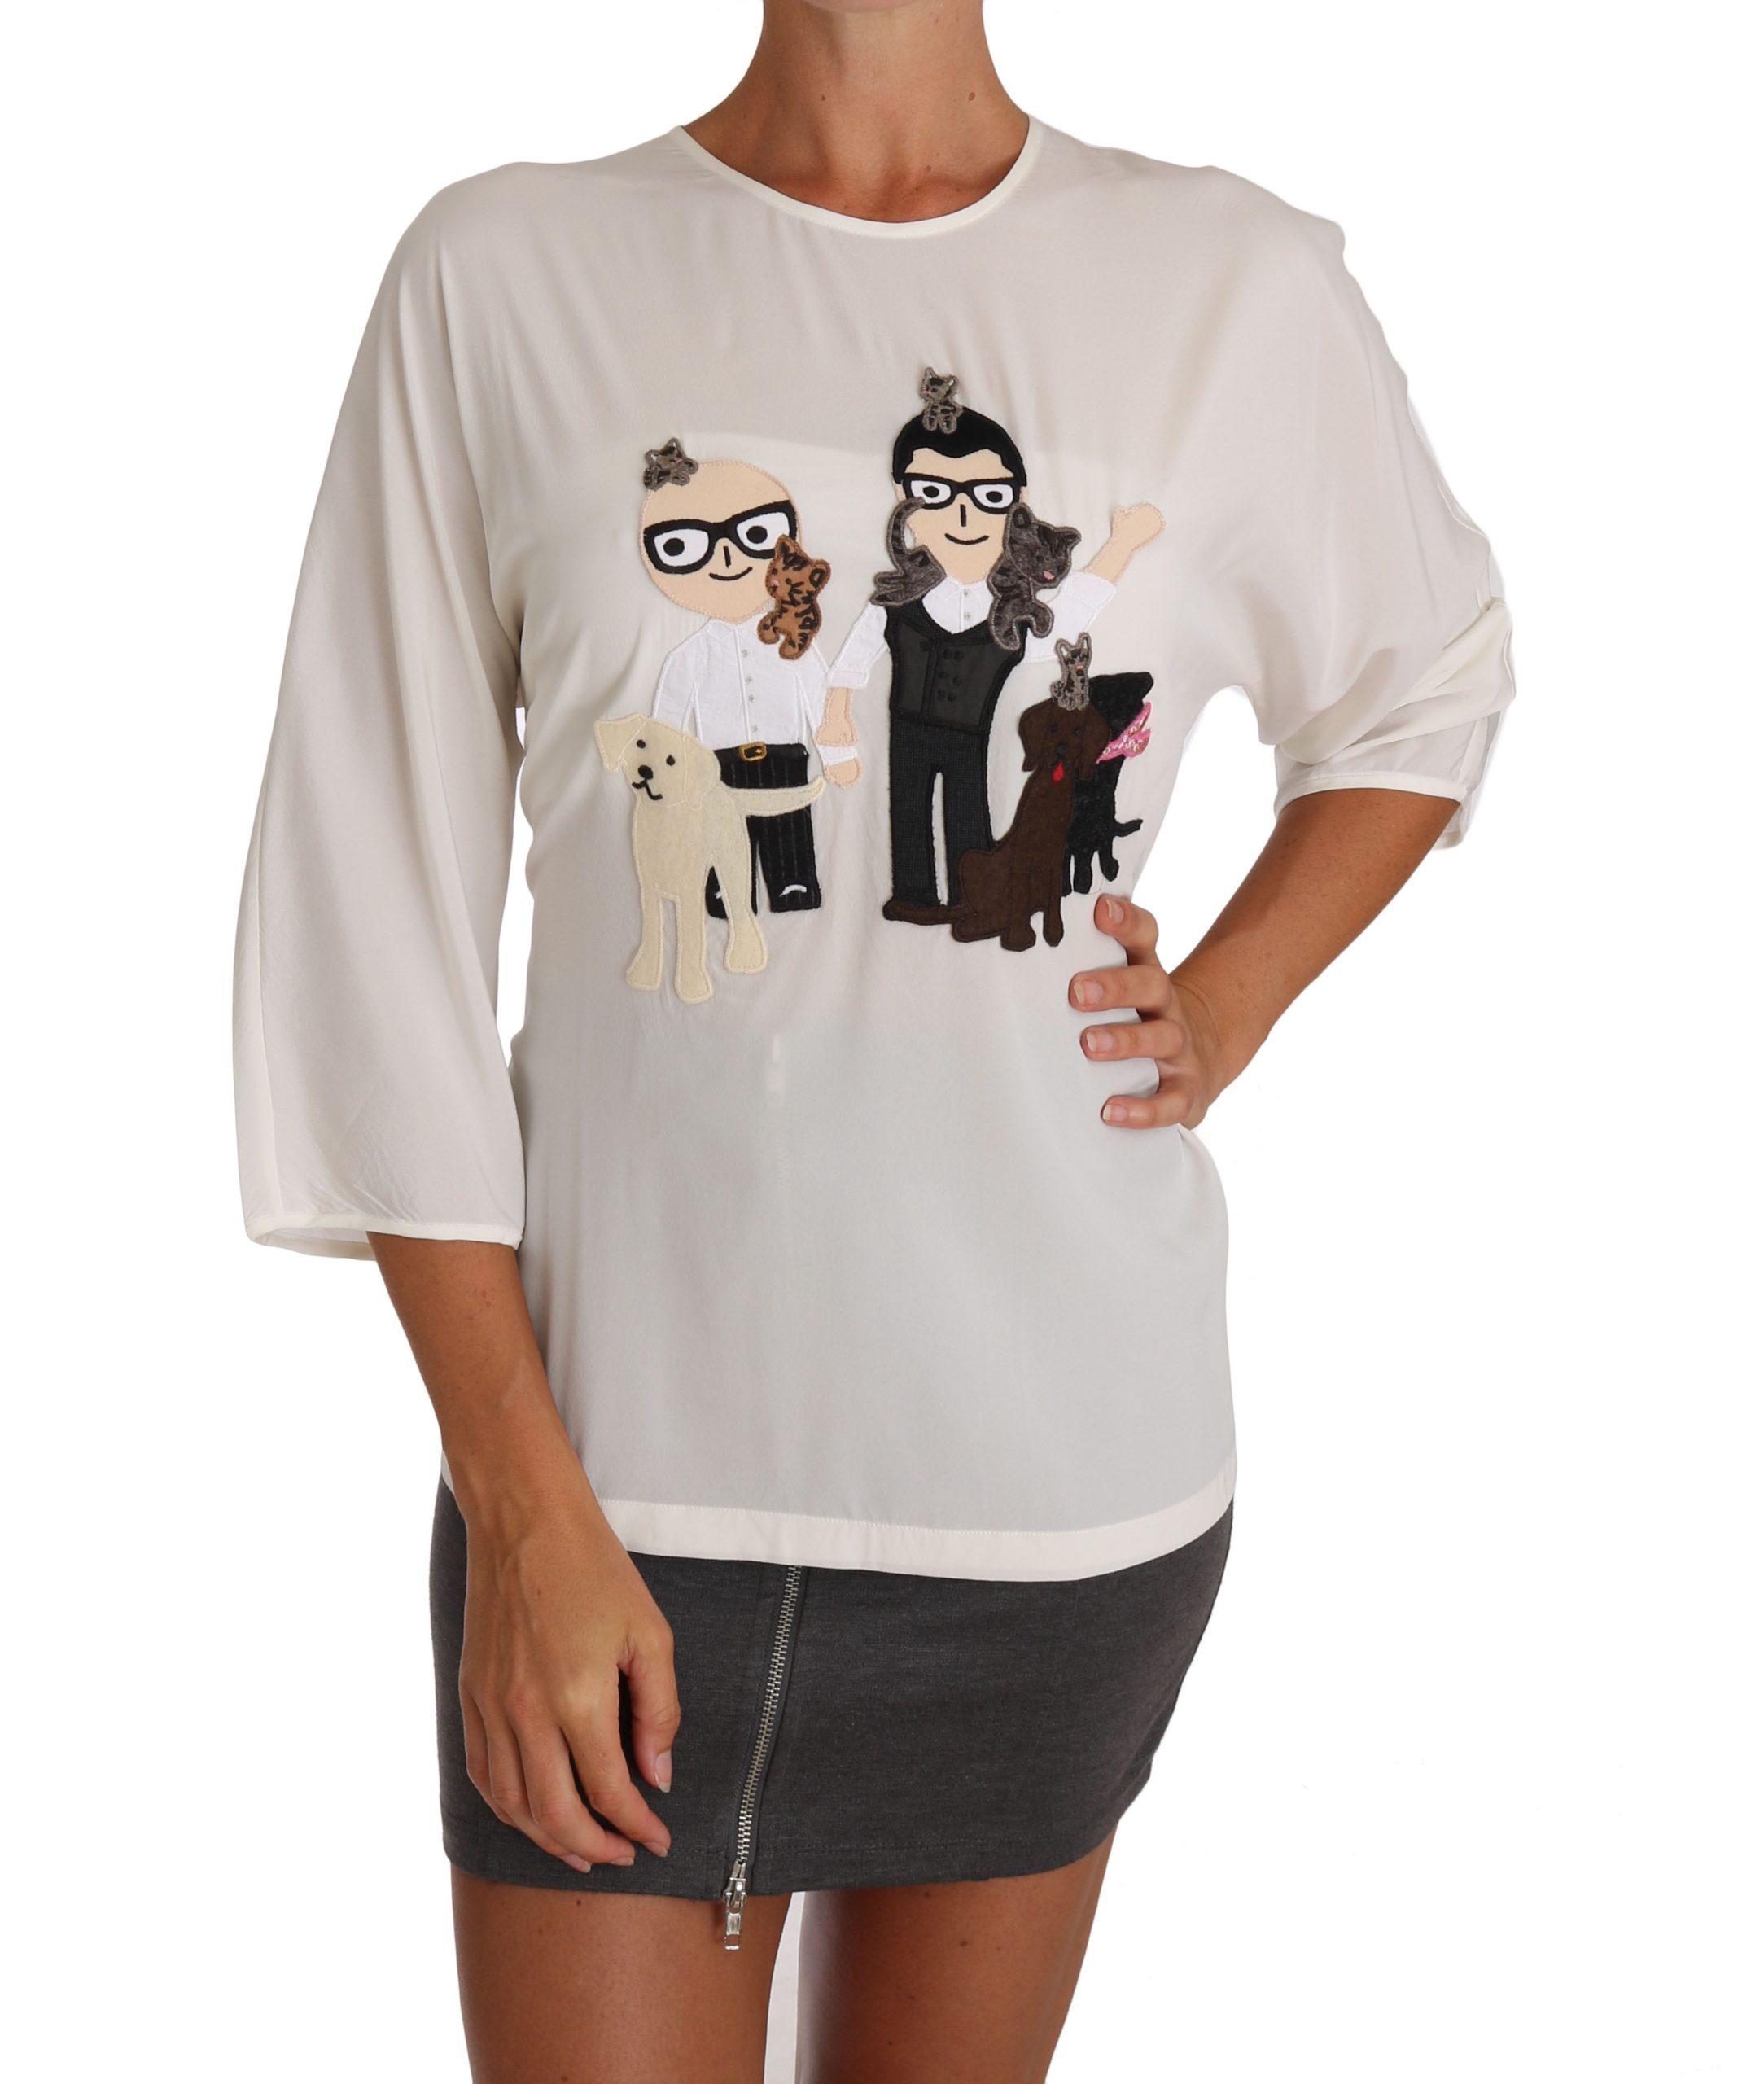 Dolce & Gabbana Women's Silk Crewneck T-Shirts White TSH2672 - IT36 | XS